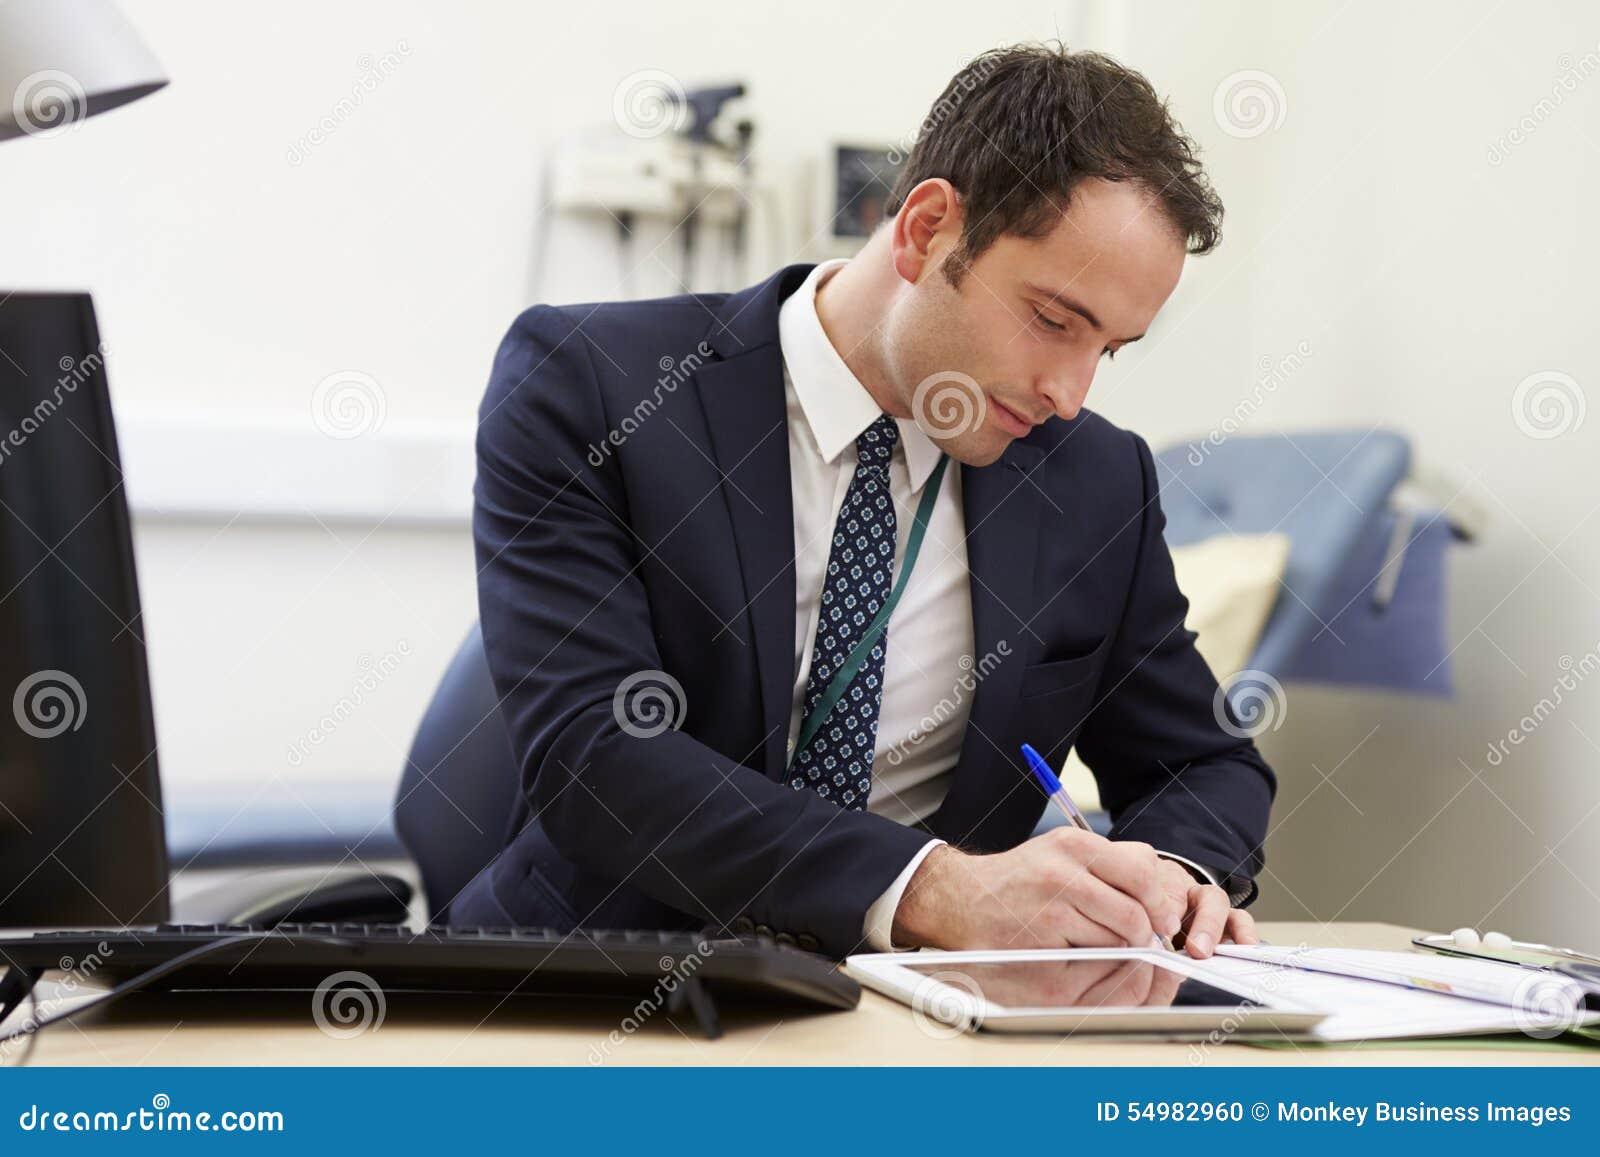 Manlig konsulent Working At Desk i regeringsställning